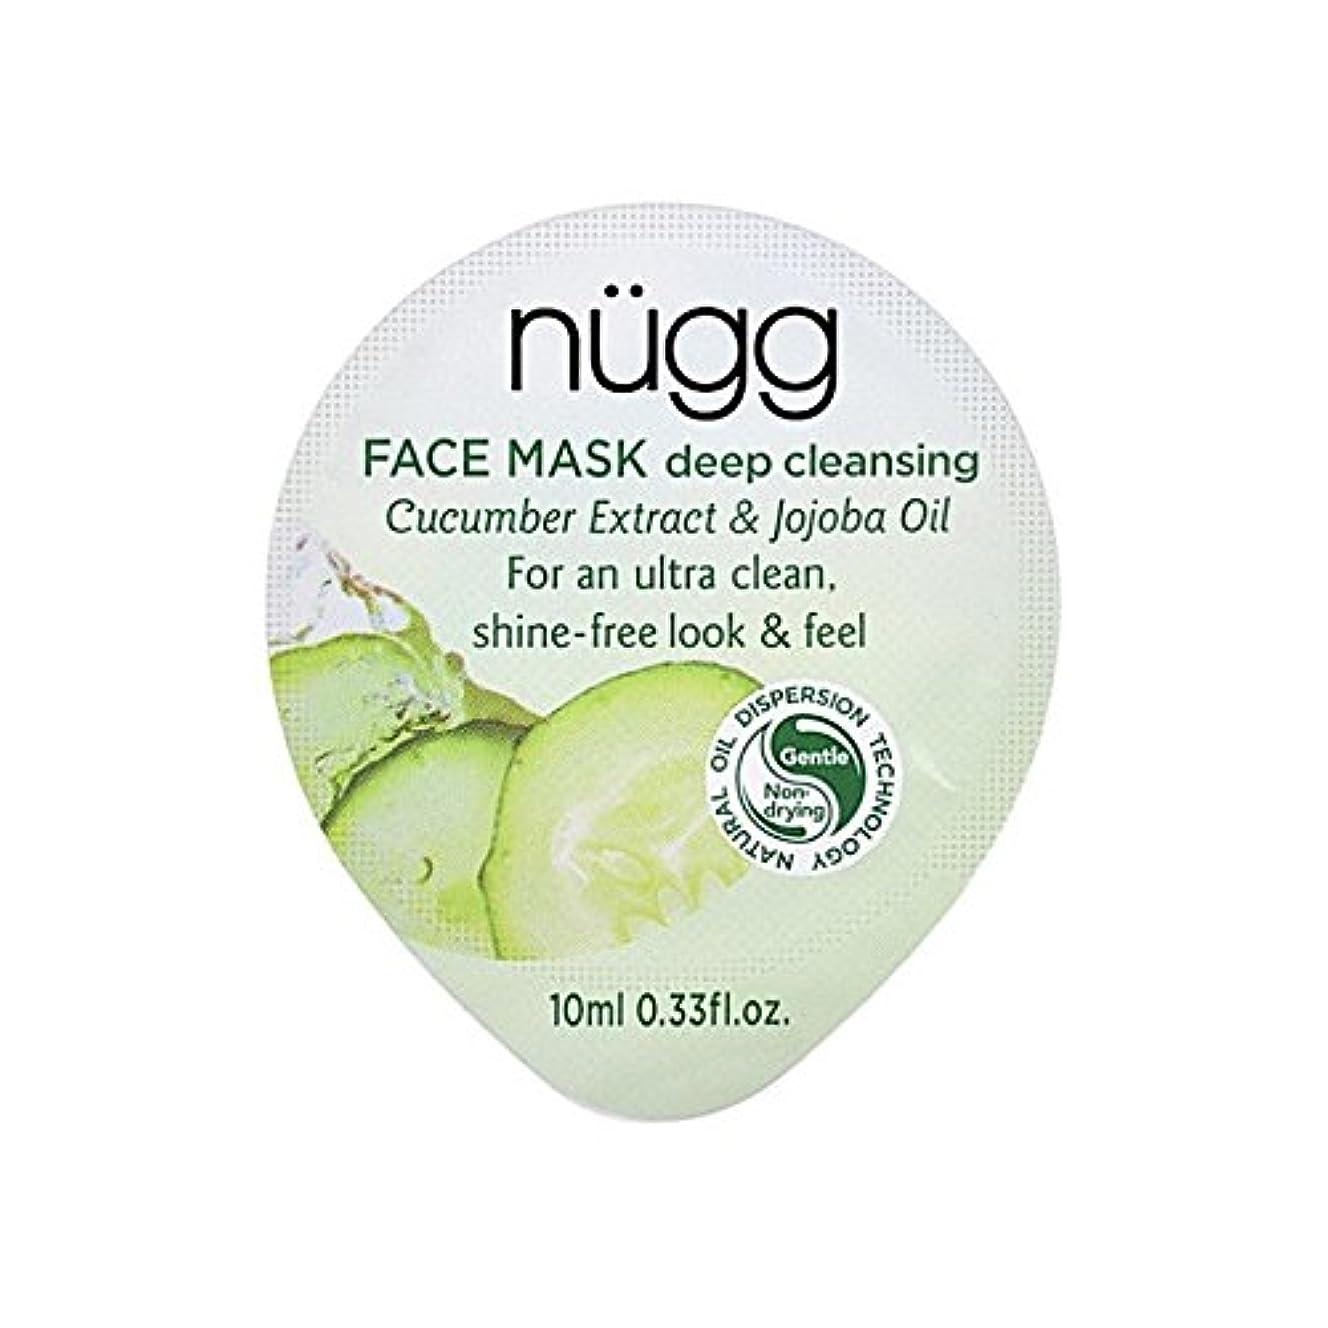 モードウイルス致命的ディープクレンジングフェイスマスク x4 - Nugg Deep Cleansing Face Mask (Pack of 4) [並行輸入品]